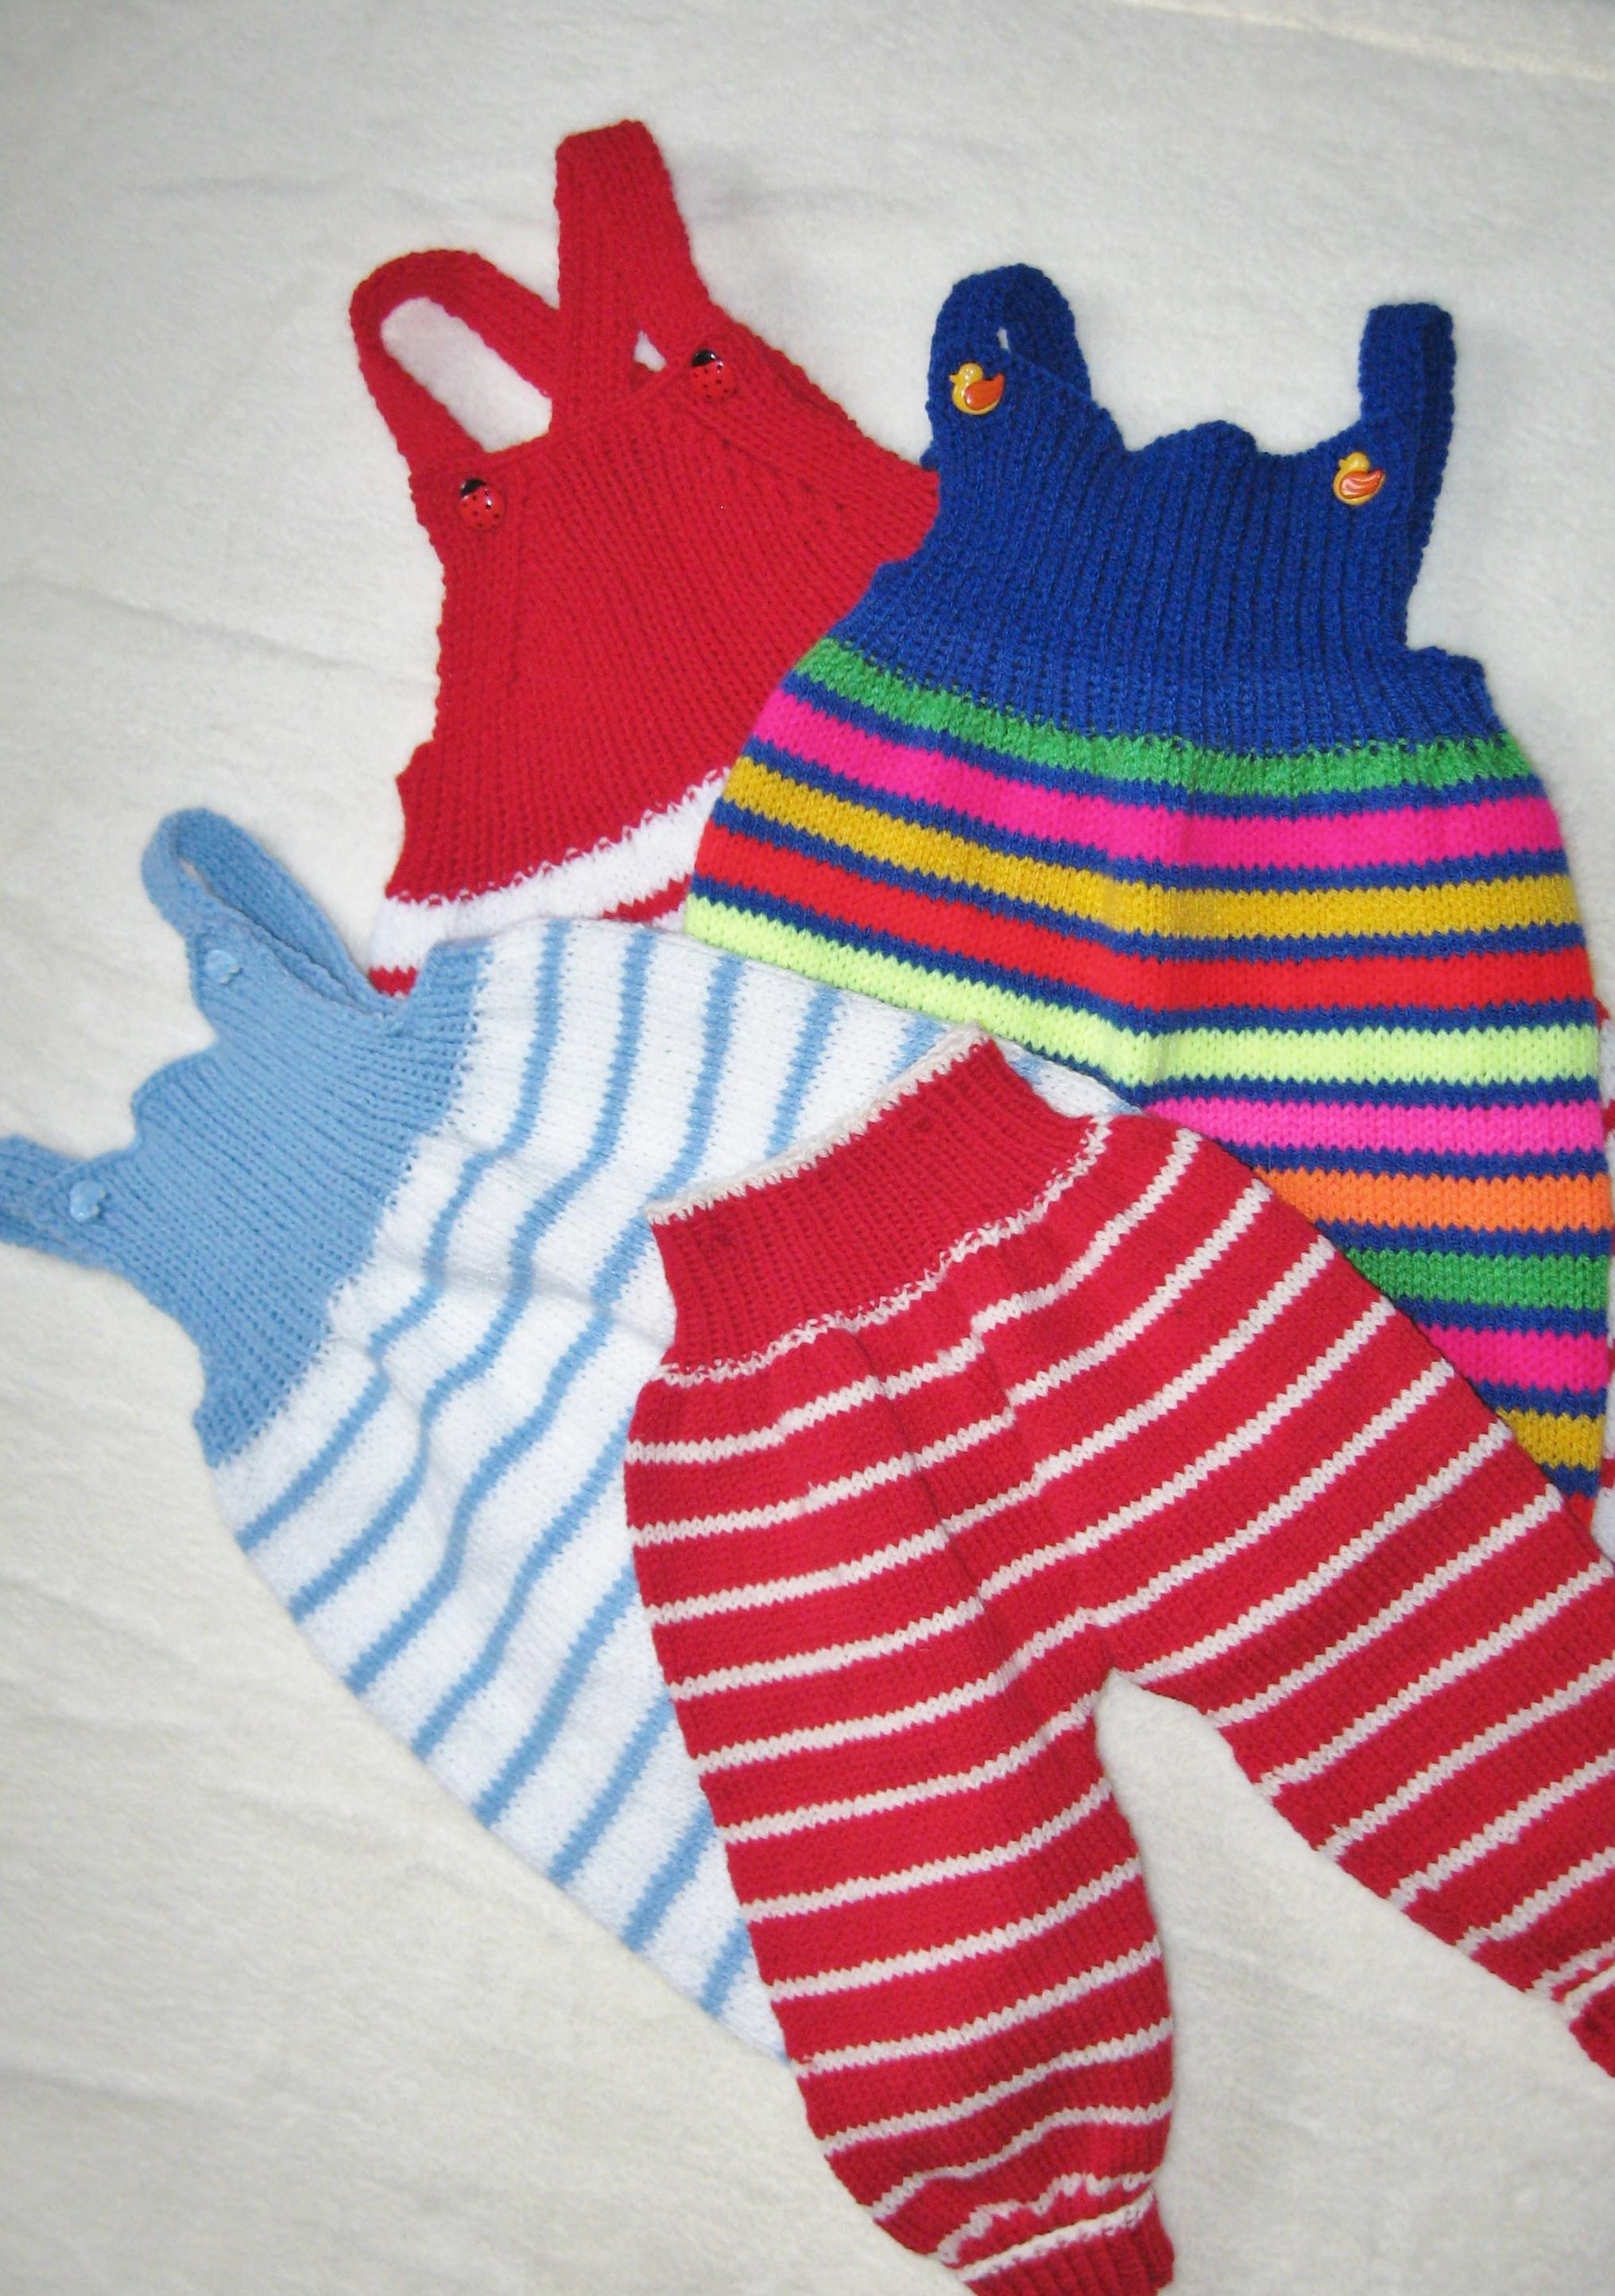 Strickanleitung Baby Overall Makeristde Vinpearl Baidaiinfo